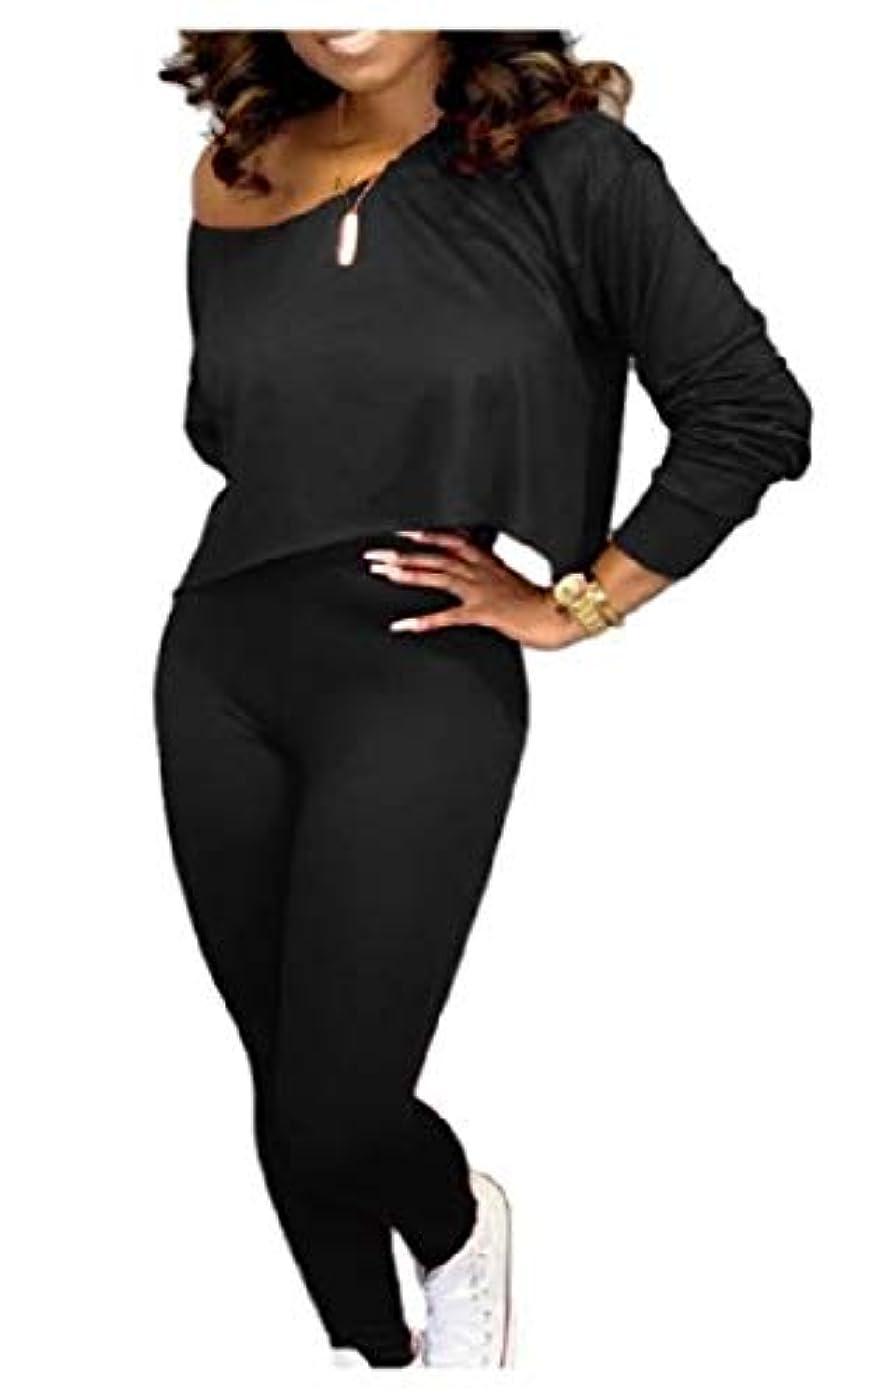 ドキュメンタリー宮殿修士号Beeatree Women 2 pieces Outfit Long-sleeve Solid Color Casual Tops and Pants Sets